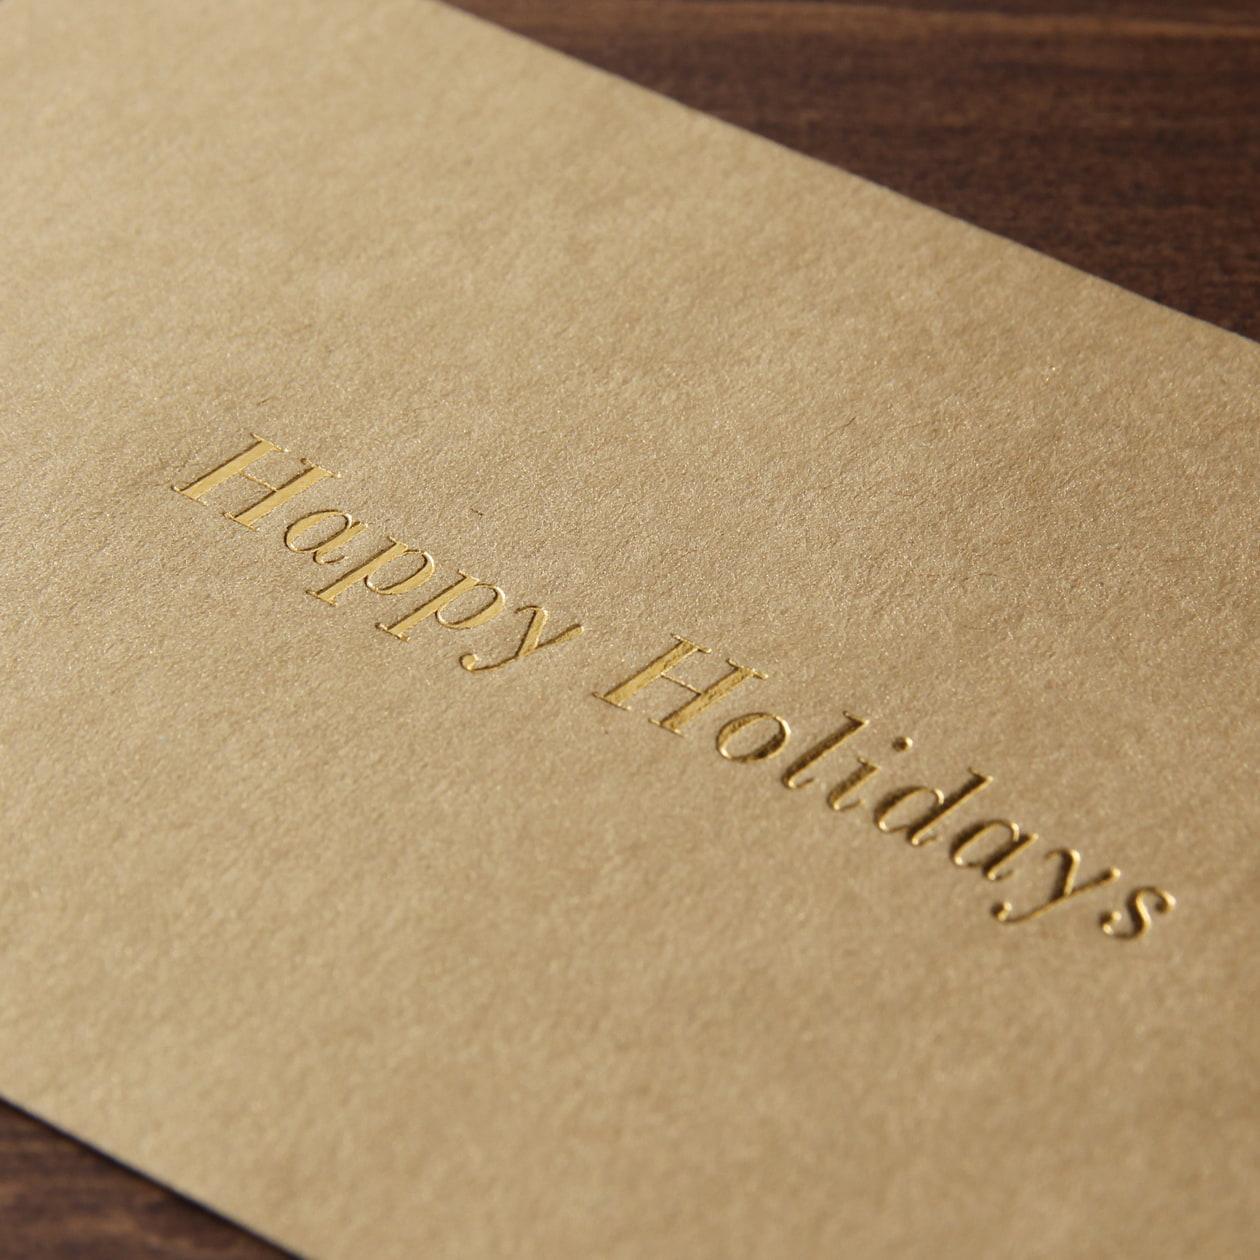 ゴールド箔で特別感を メッセージカード用封筒